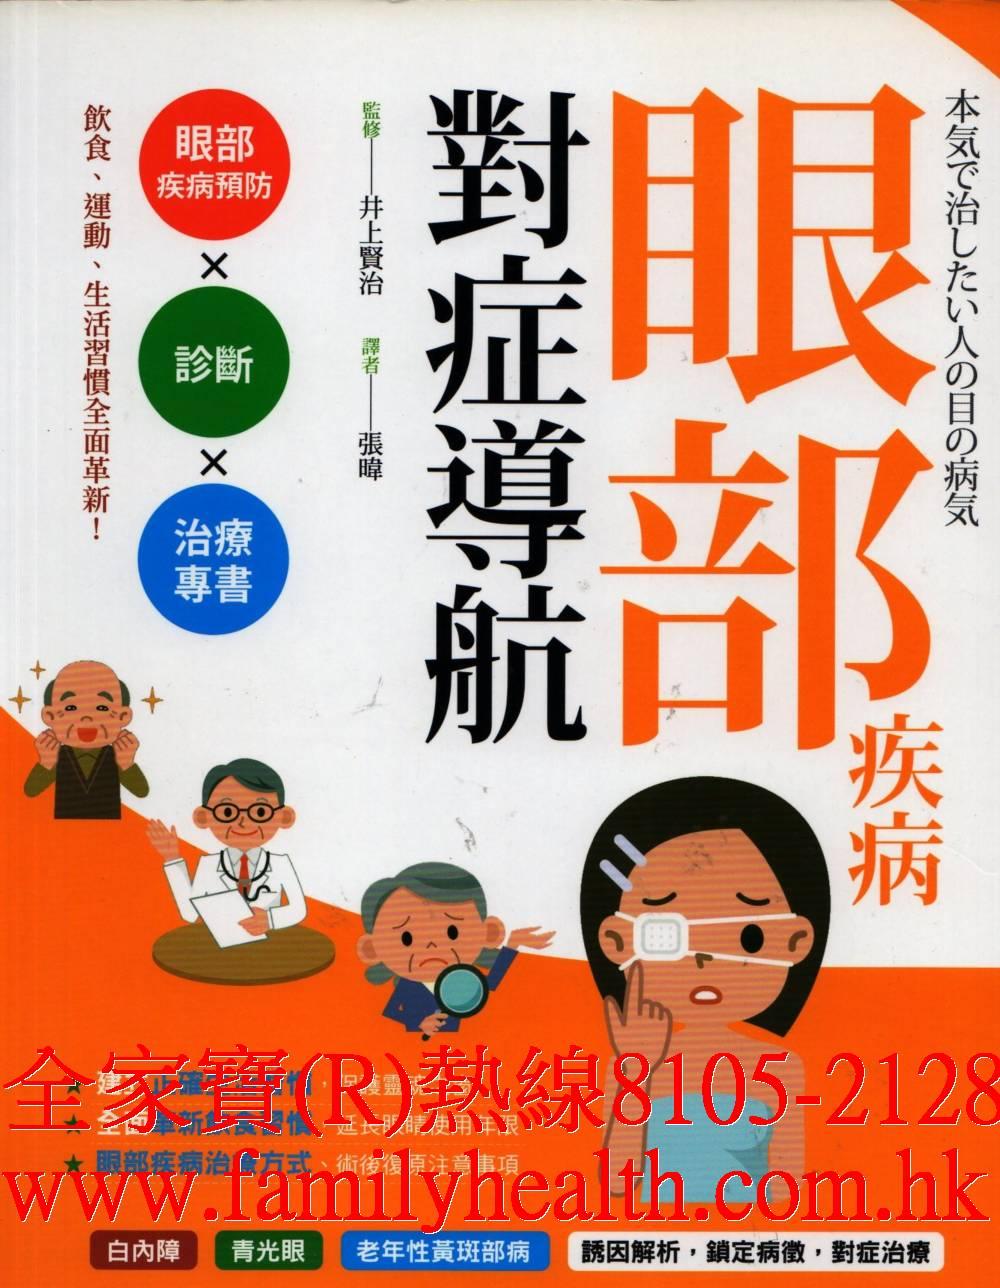 http://www.familyhealth.com.hk/files/full/1008_0.jpg